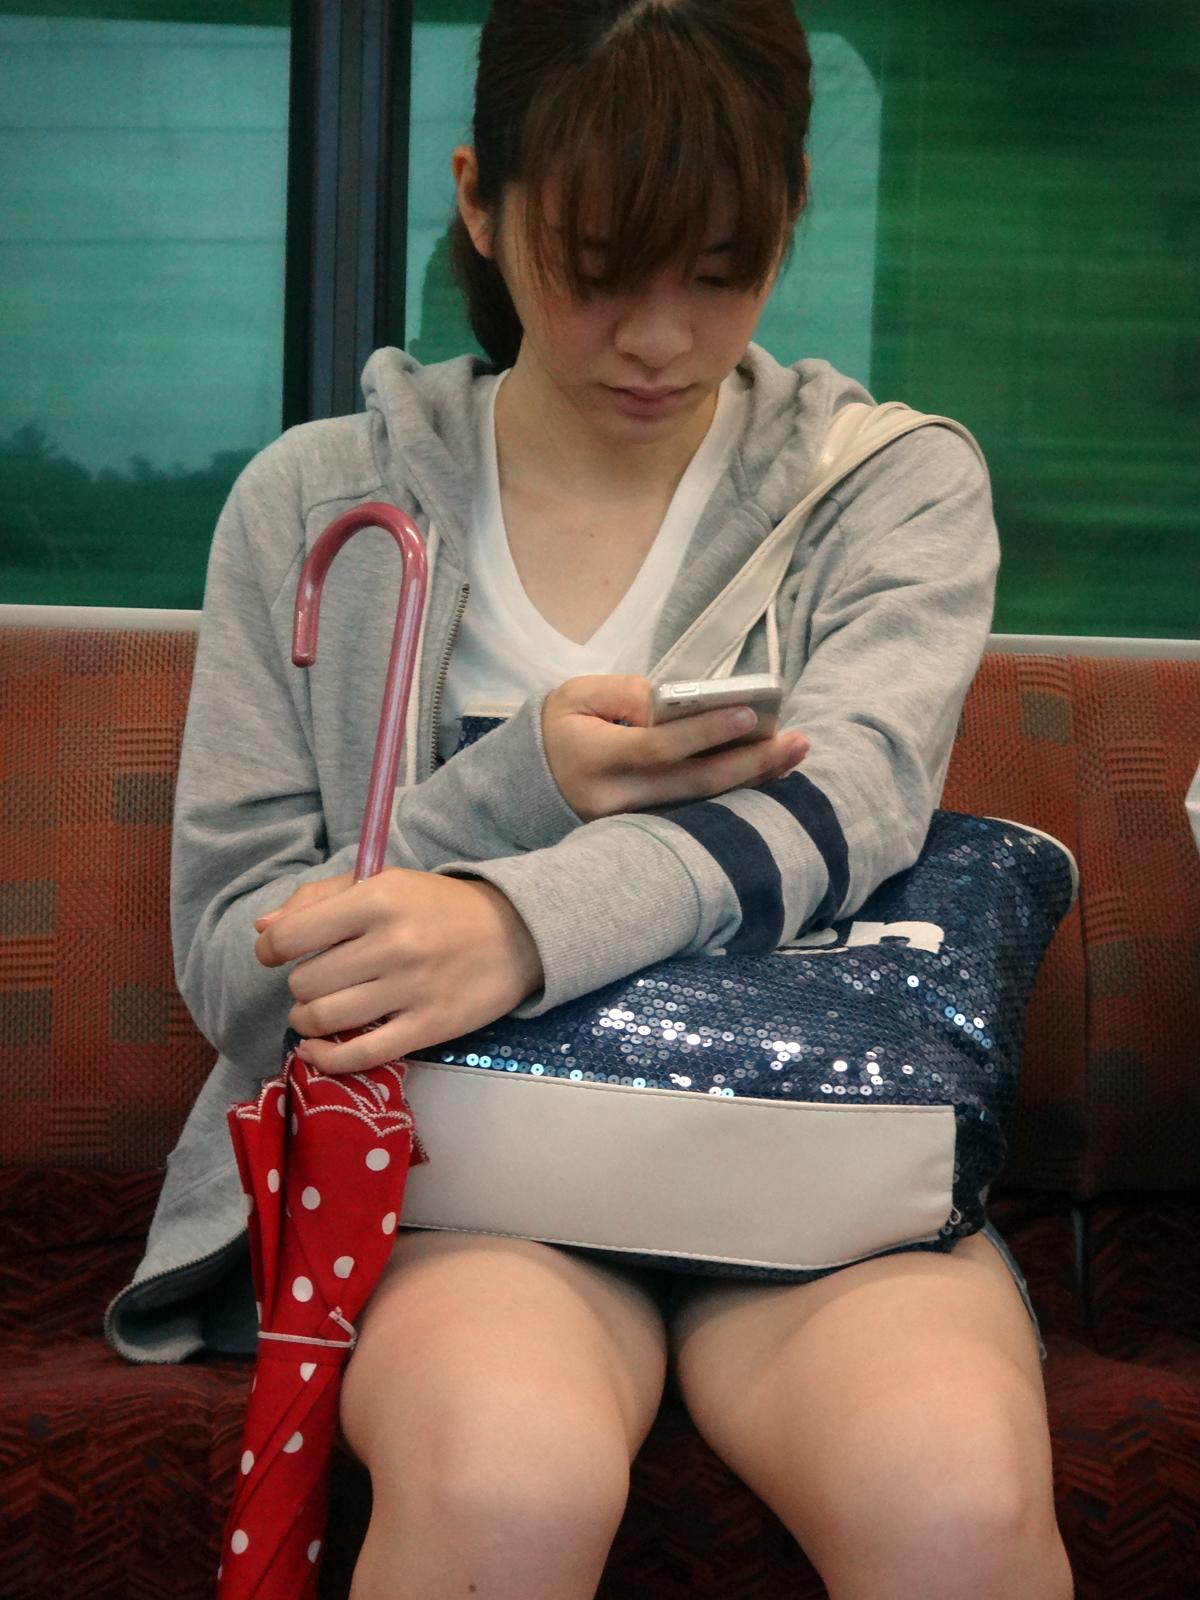 若い女性の生足太ももを電車内で隠し撮り!